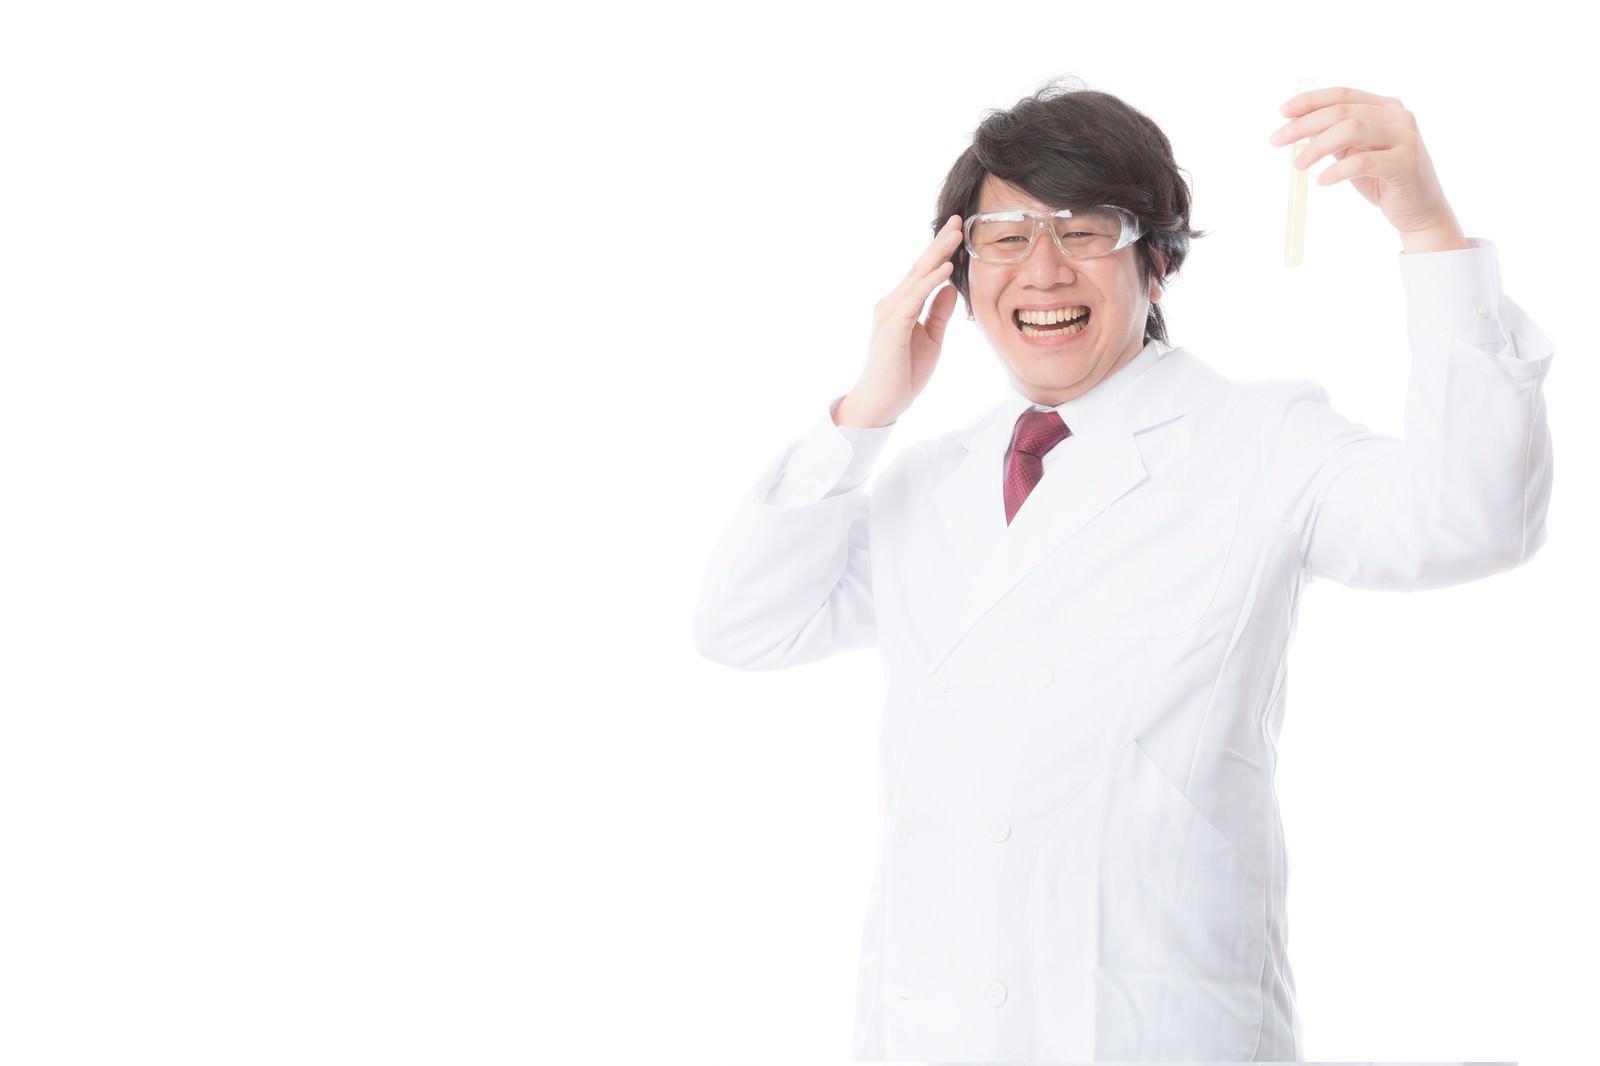 「研究結果に大満足の臨床開発コンサル」の写真[モデル:あまのじゃく]